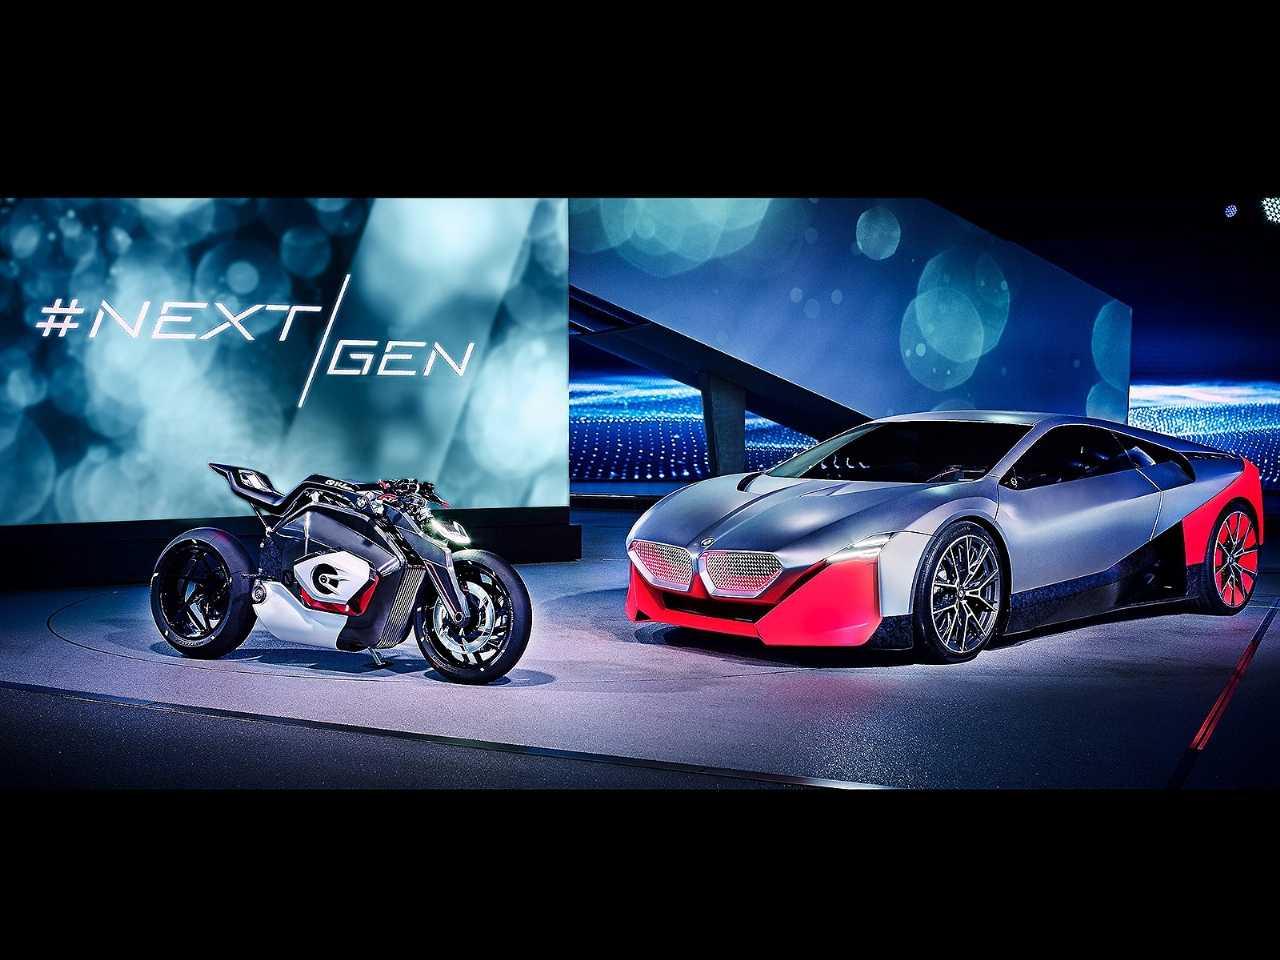 Acima os conceitos Vision DC Roadster (moto) e Vision M Next